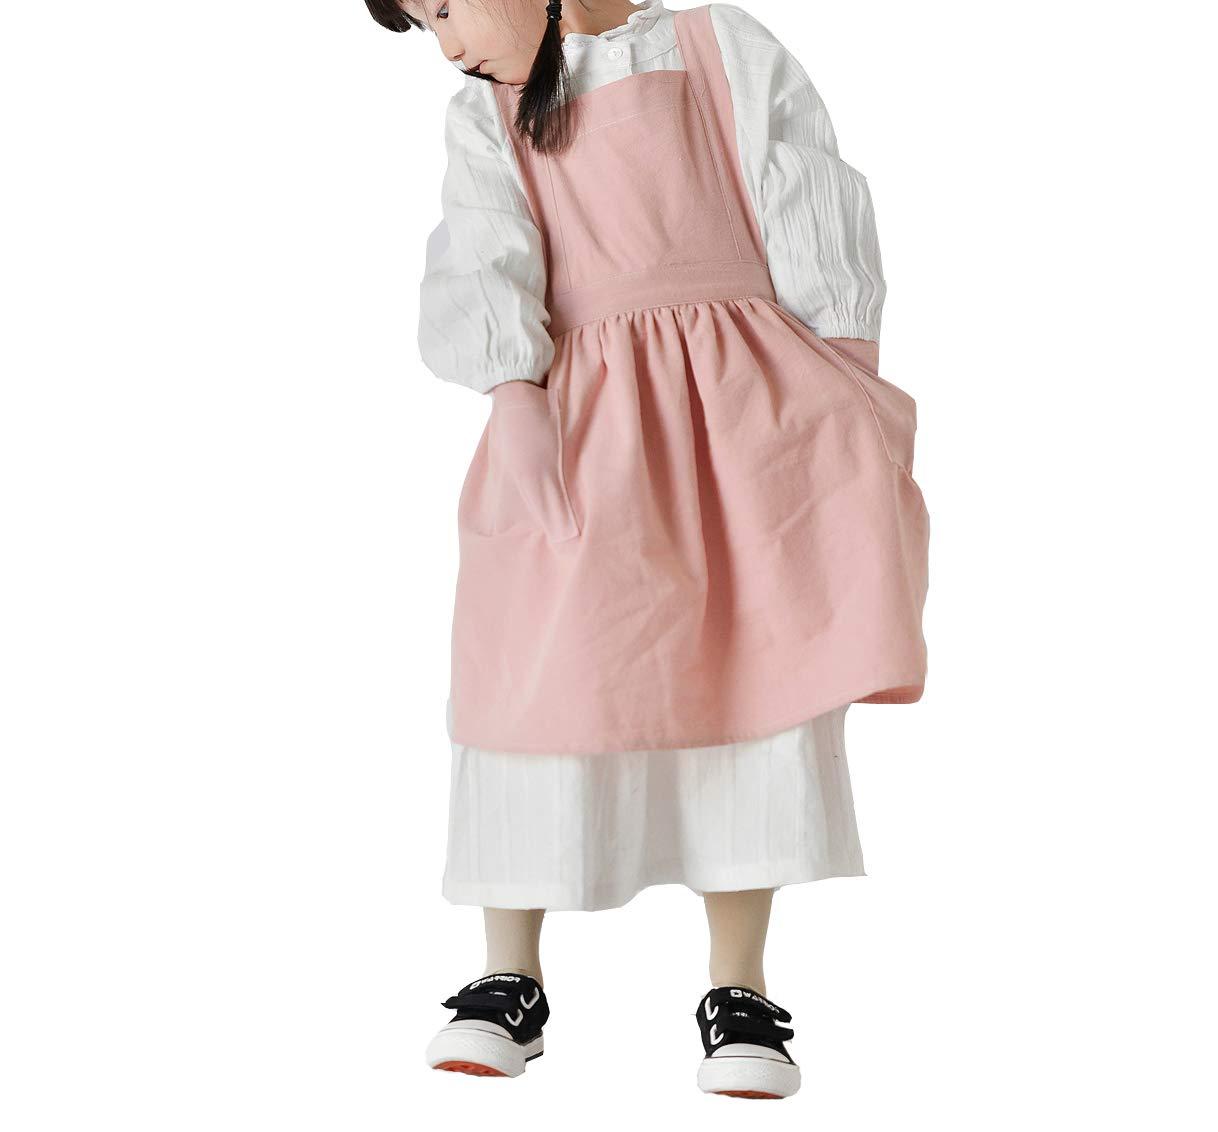 xiaoshenlu Delantal Cocina para Niños con Bolsillos - Cocina, Artesanía, Pintura y Actividades Familiares - Lavado de Delantales de Algodón y Lino, ...